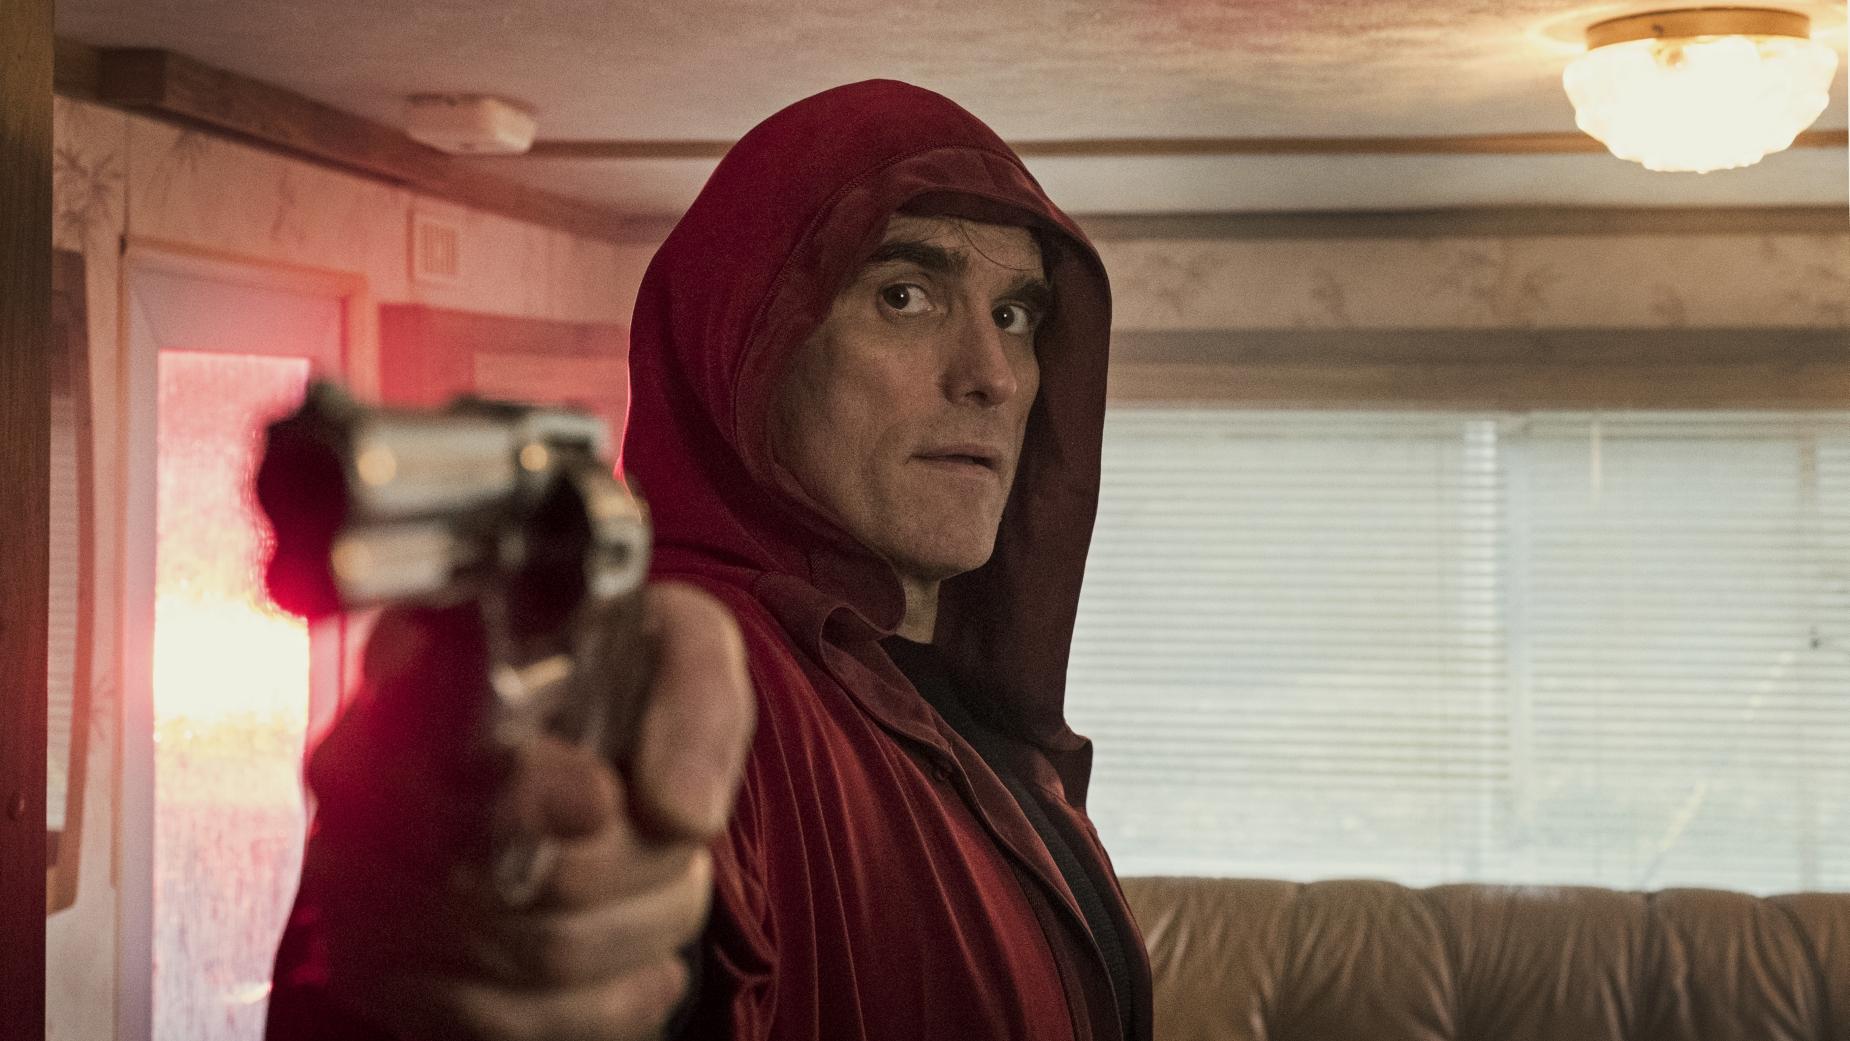 La casa di Jack: Matt Dillon è un efferato serial killer di nome Jack